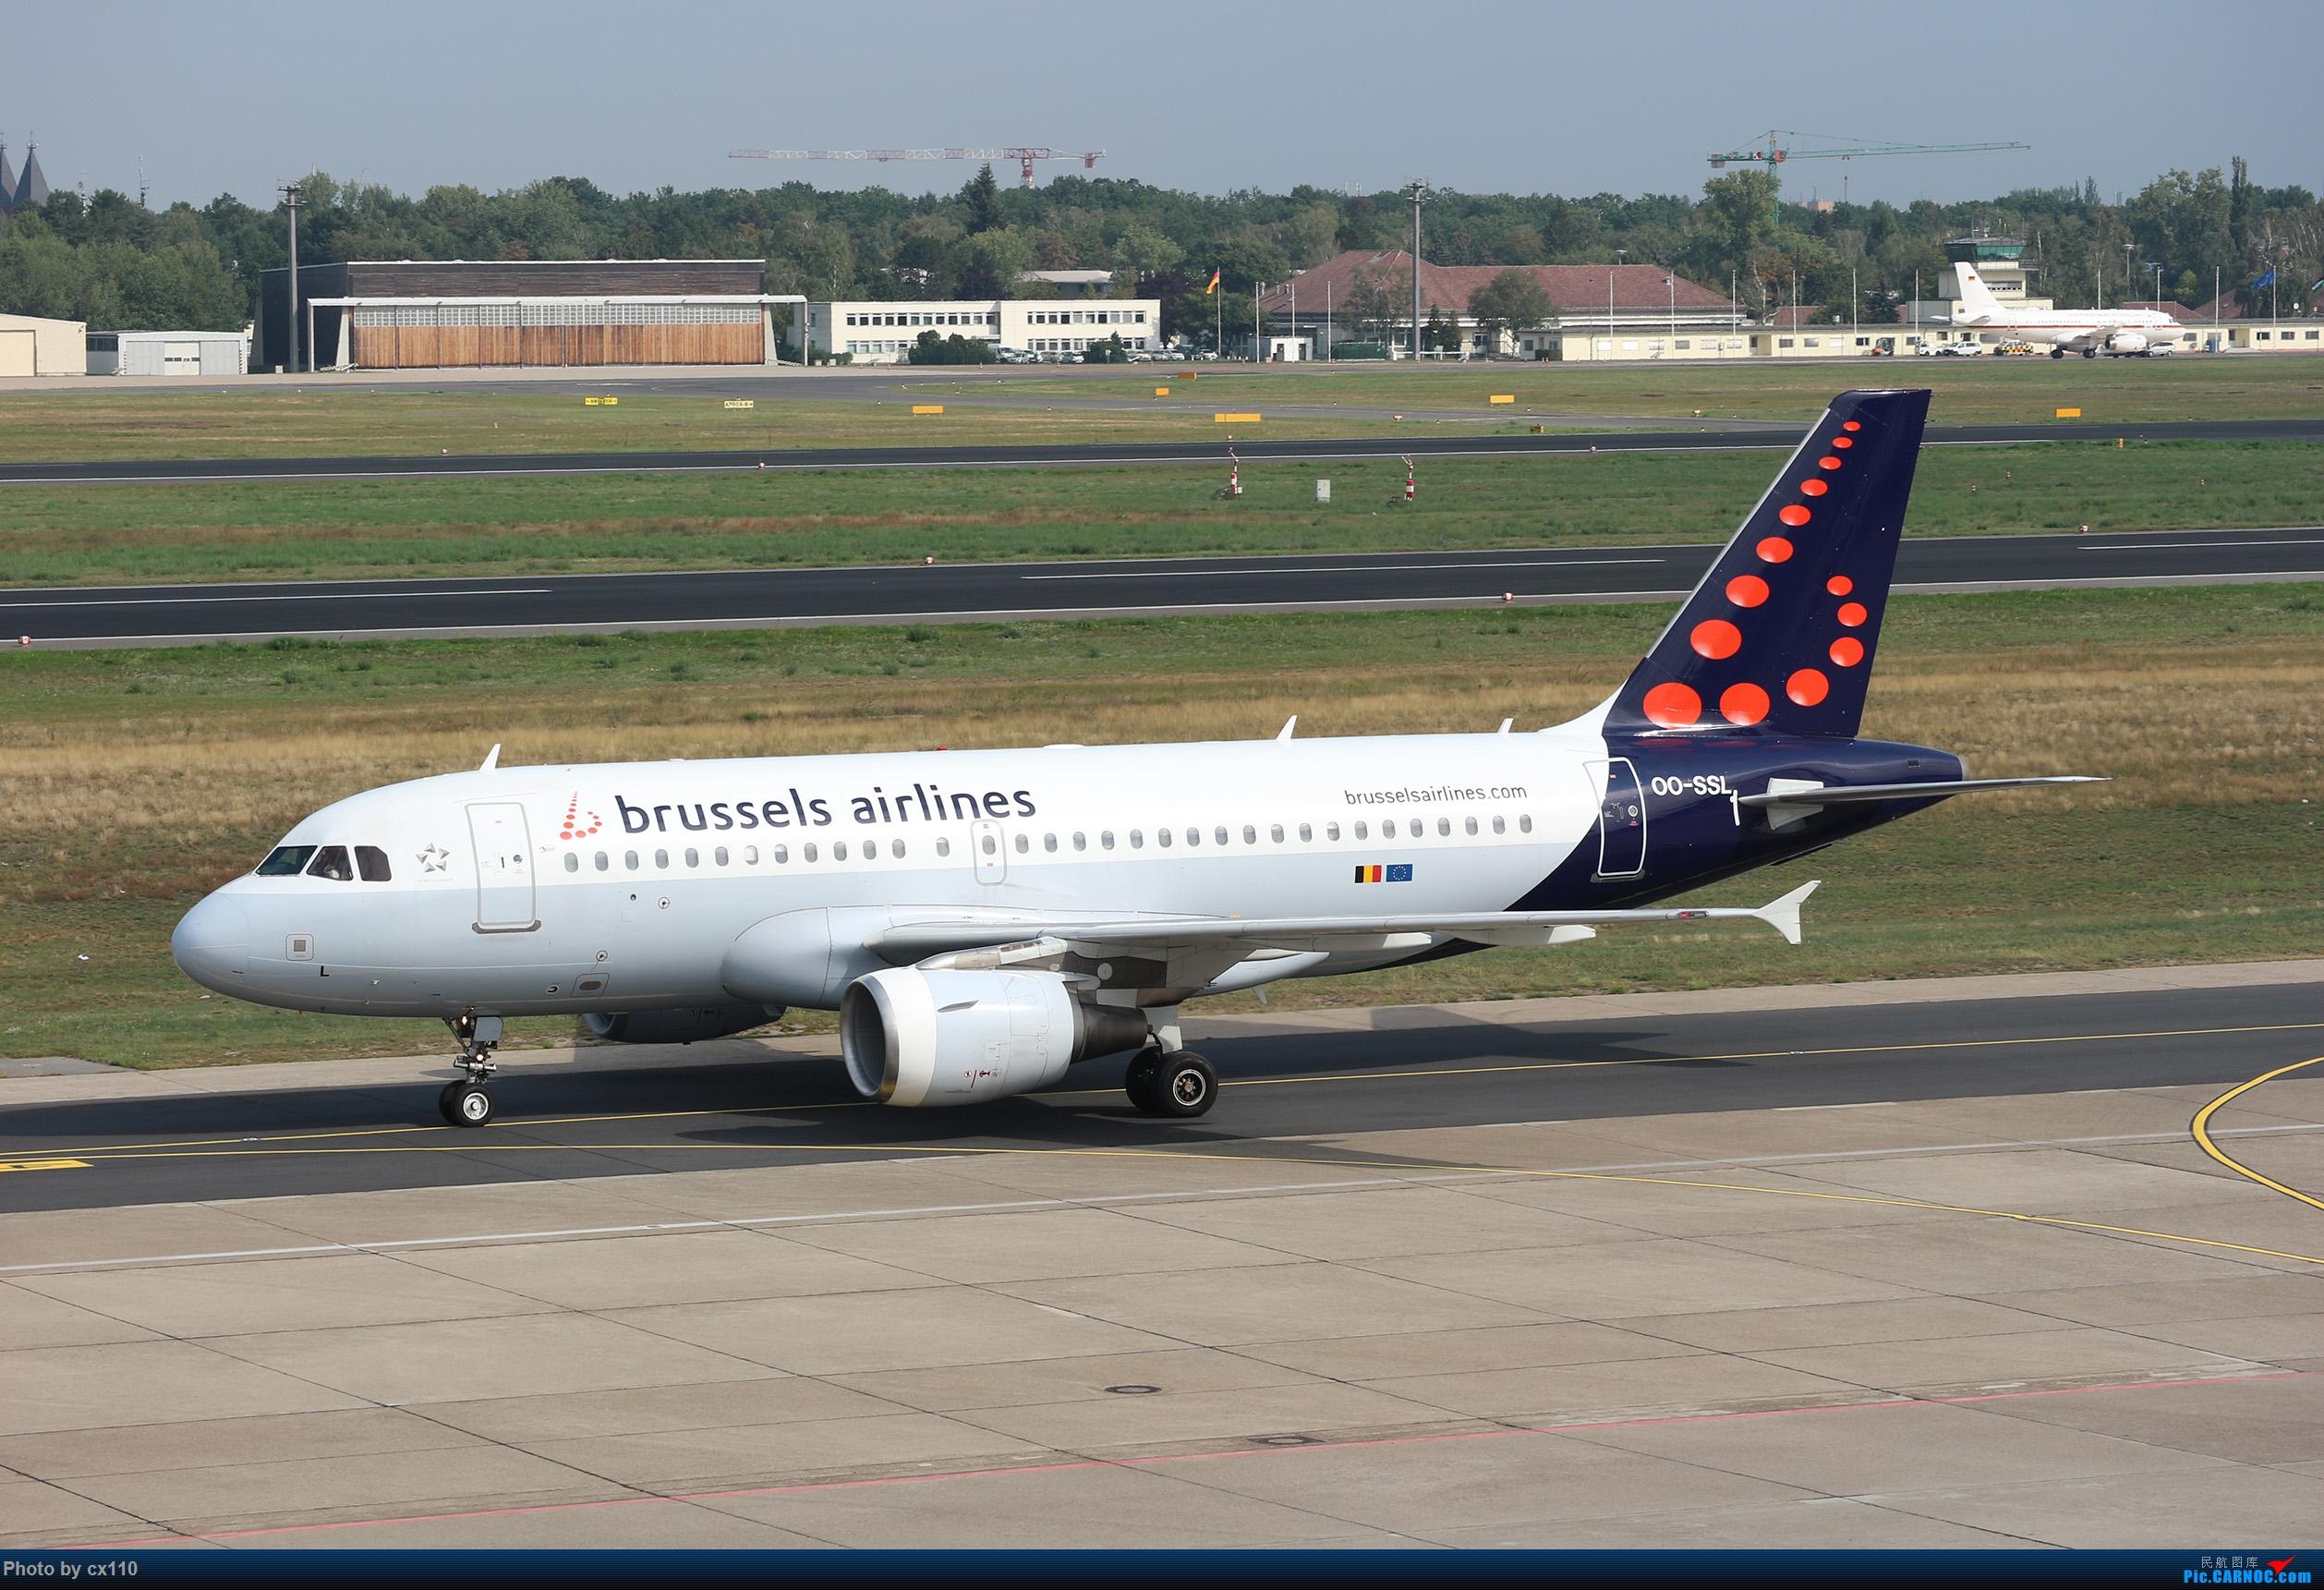 Re:[原创]欧洲机场拍机记-柏林/赫尔辛基/布拉格 AIRBUS A319-100 OO-SSL